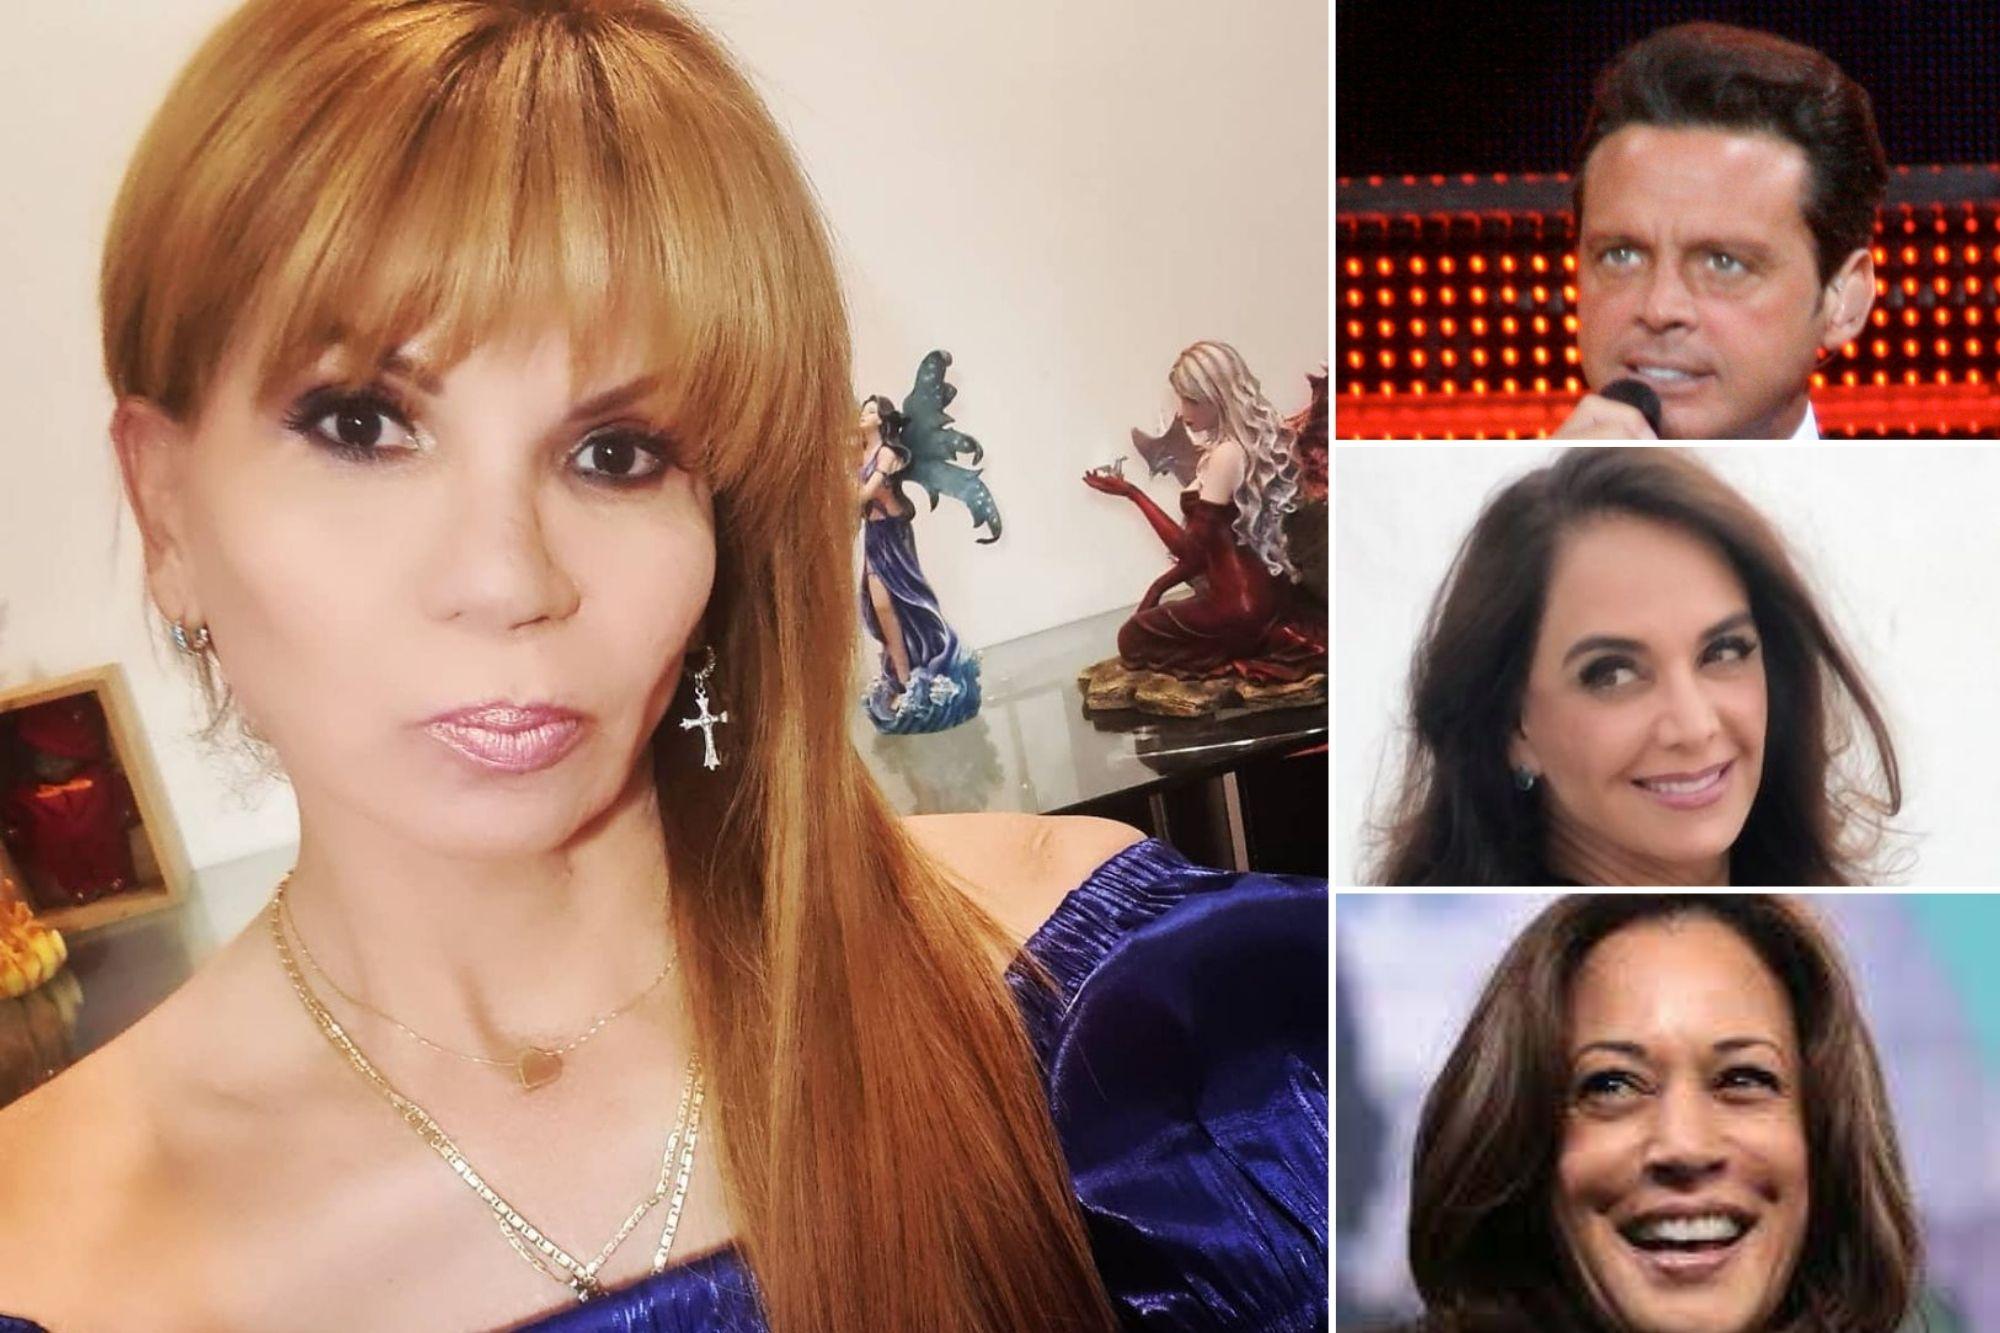 Mhoni Vidente predice que Luis Miguel o Miguel Bosé tendrán una grave enfermedad, Kamala Harris será presidente de Estados Unidos, Lupita Jones debe cuidar su salud y más.